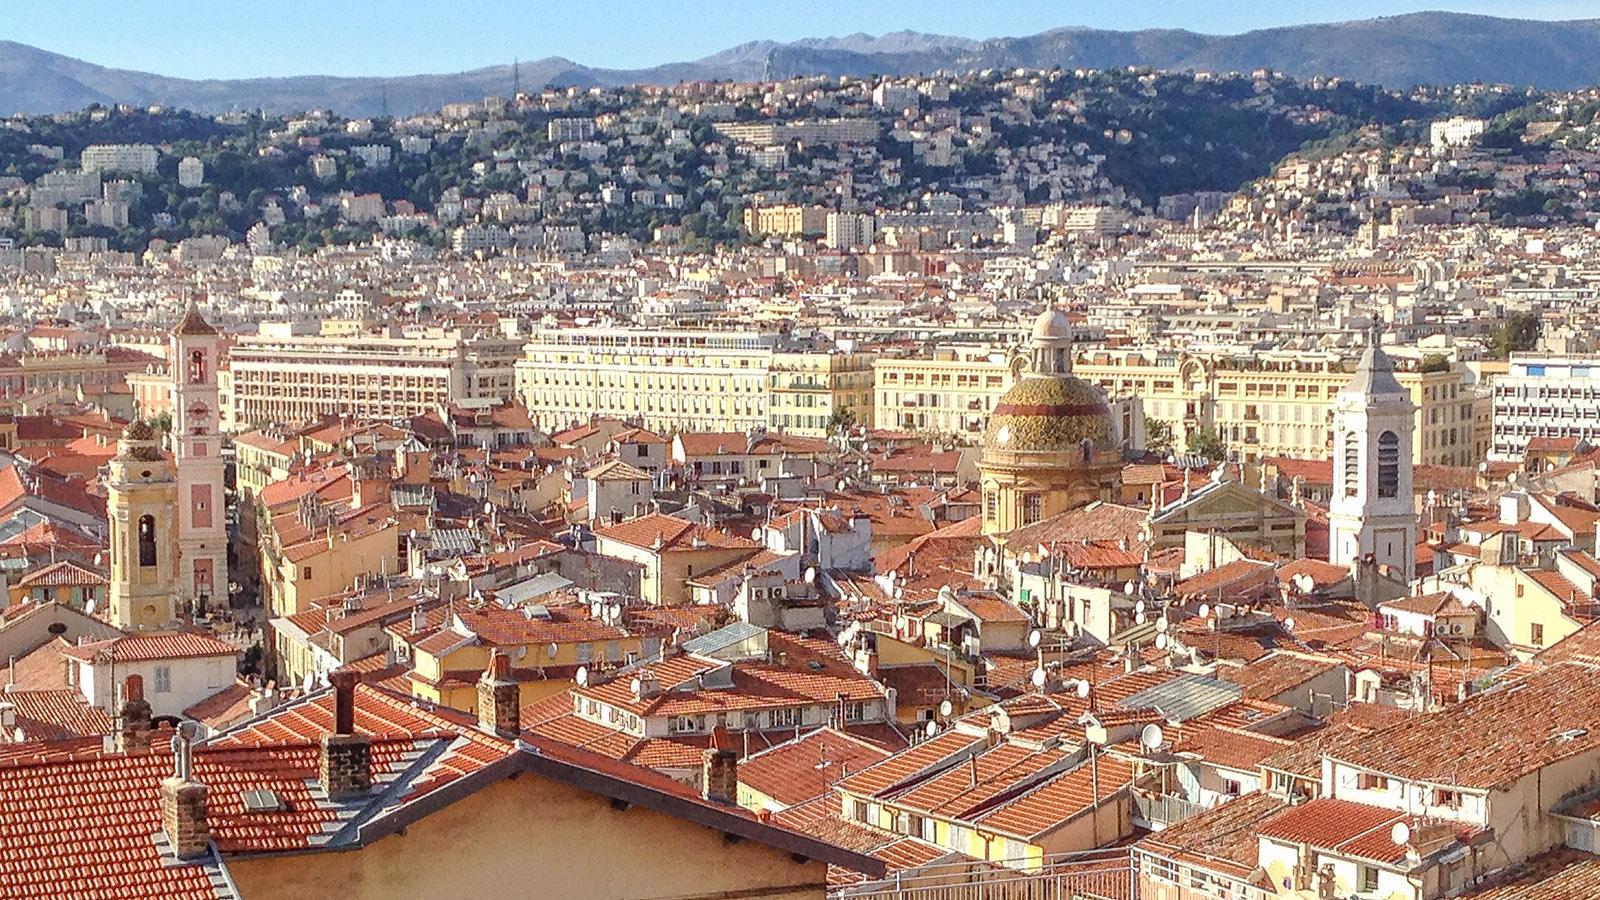 Blick auf die Altstadt von Nizza von der Dachterrasse des MAMAC. Foto: Hilke Maunder